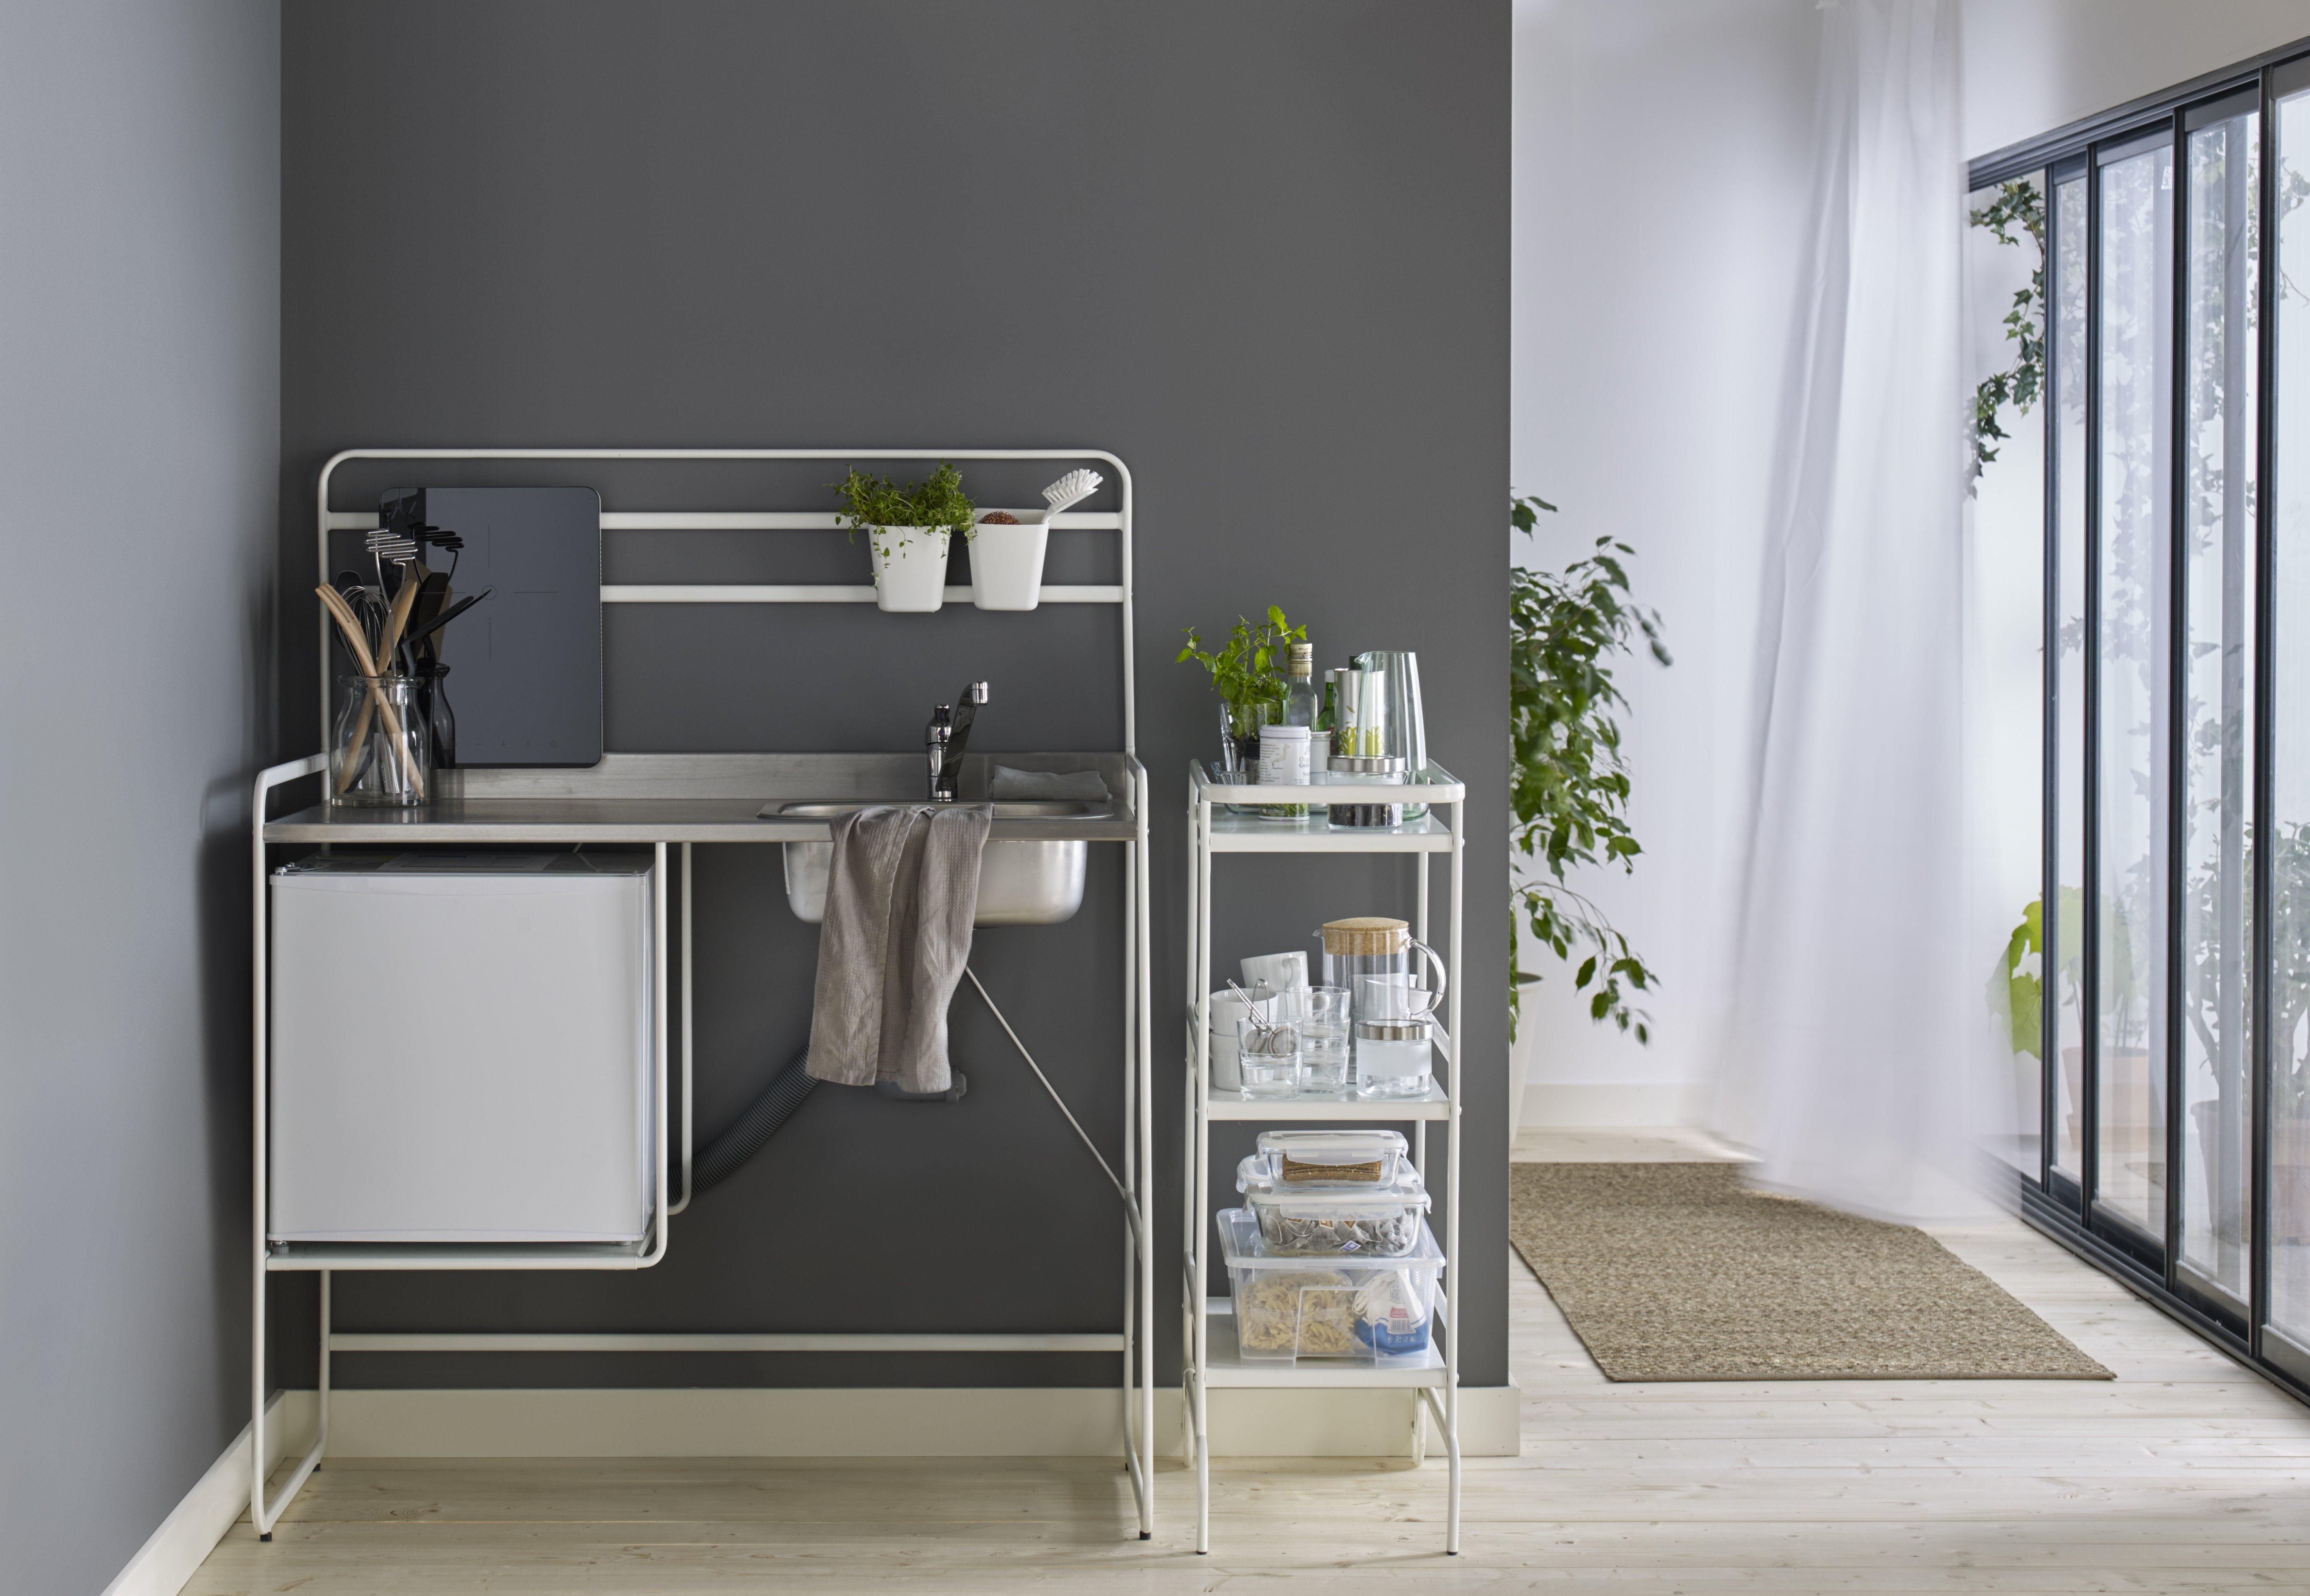 Piano Cucina In Legno Ikea : Piano cottura a induzione ikea. amazing piano cottura a induzione